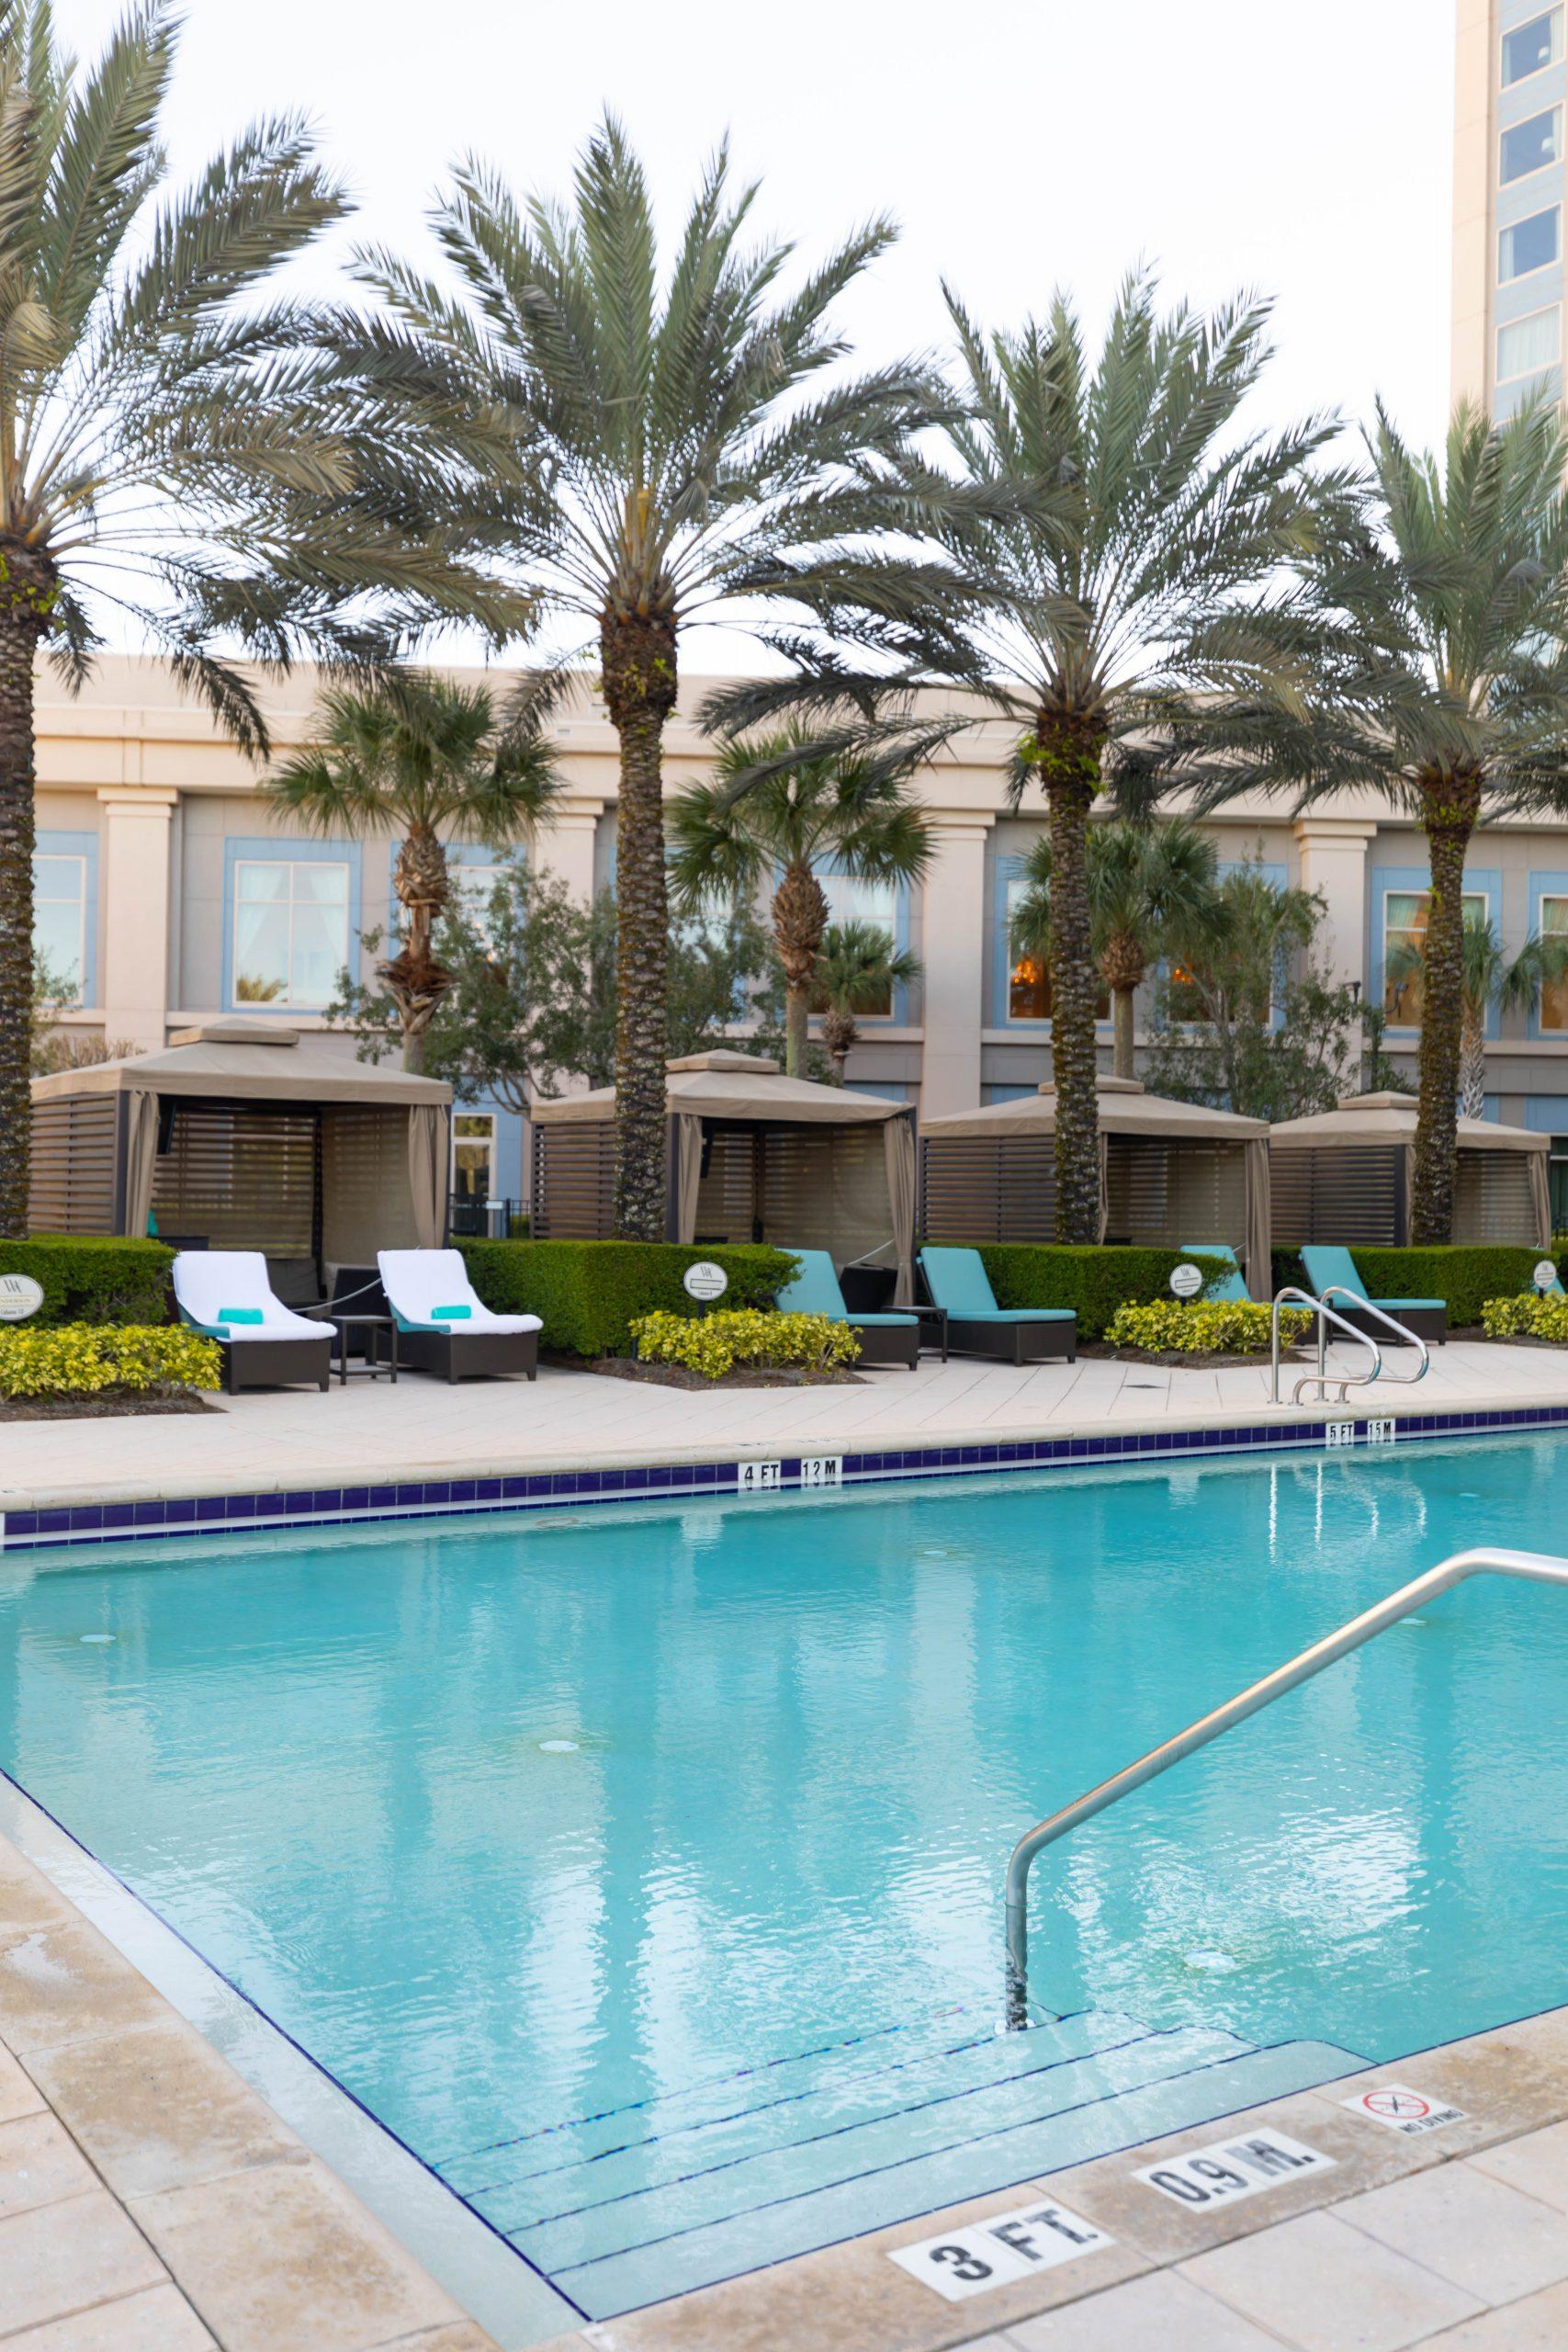 Aquamarine Restaurant Waldorf Astoria Orlando Poolside Restaurant in Orlando Florida